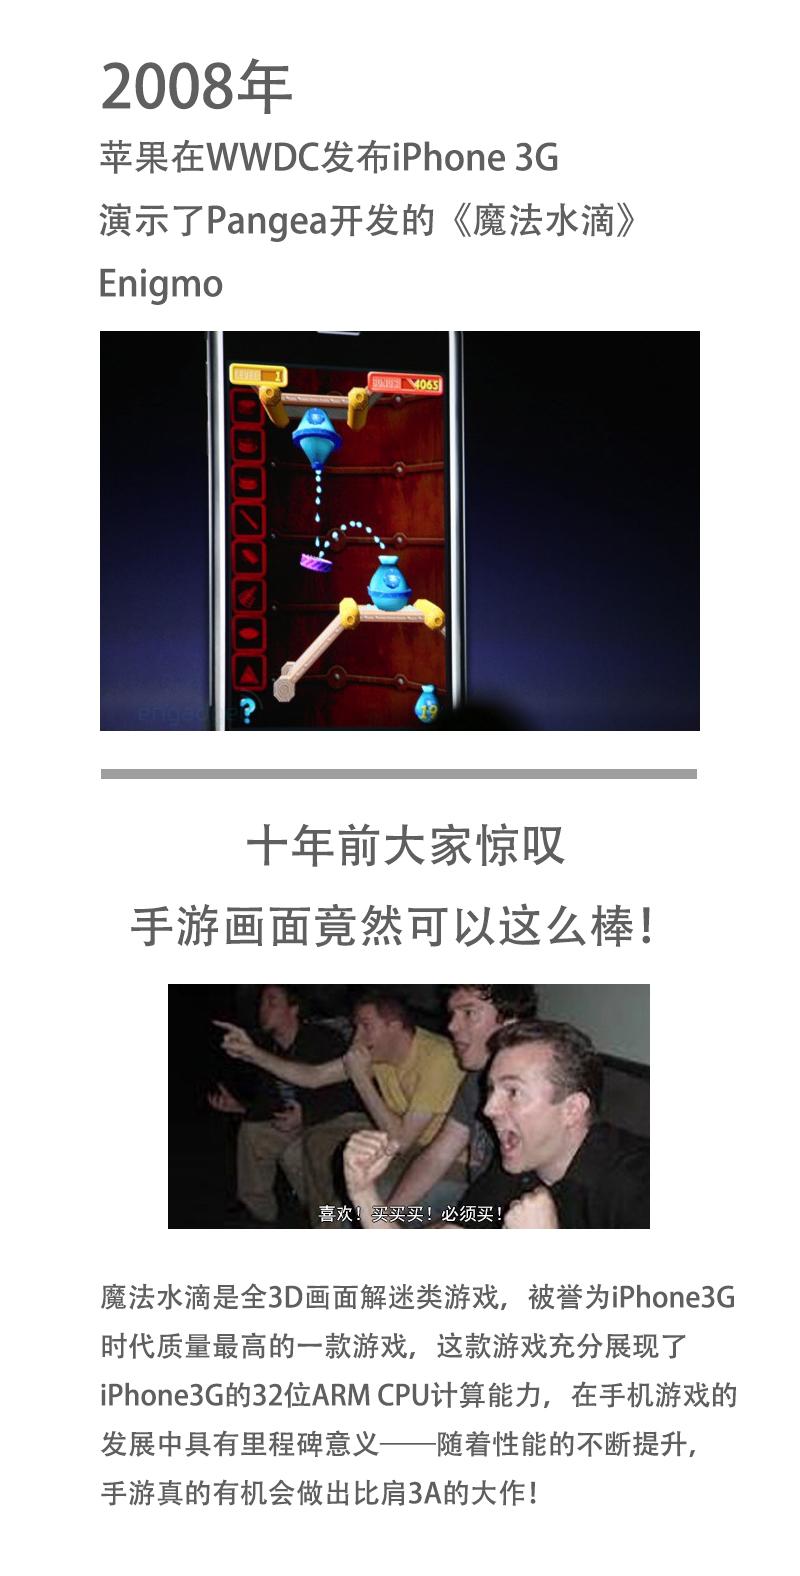 那时候的发布会真的是在改变世界:回顾iPhone早期发布的9款游戏